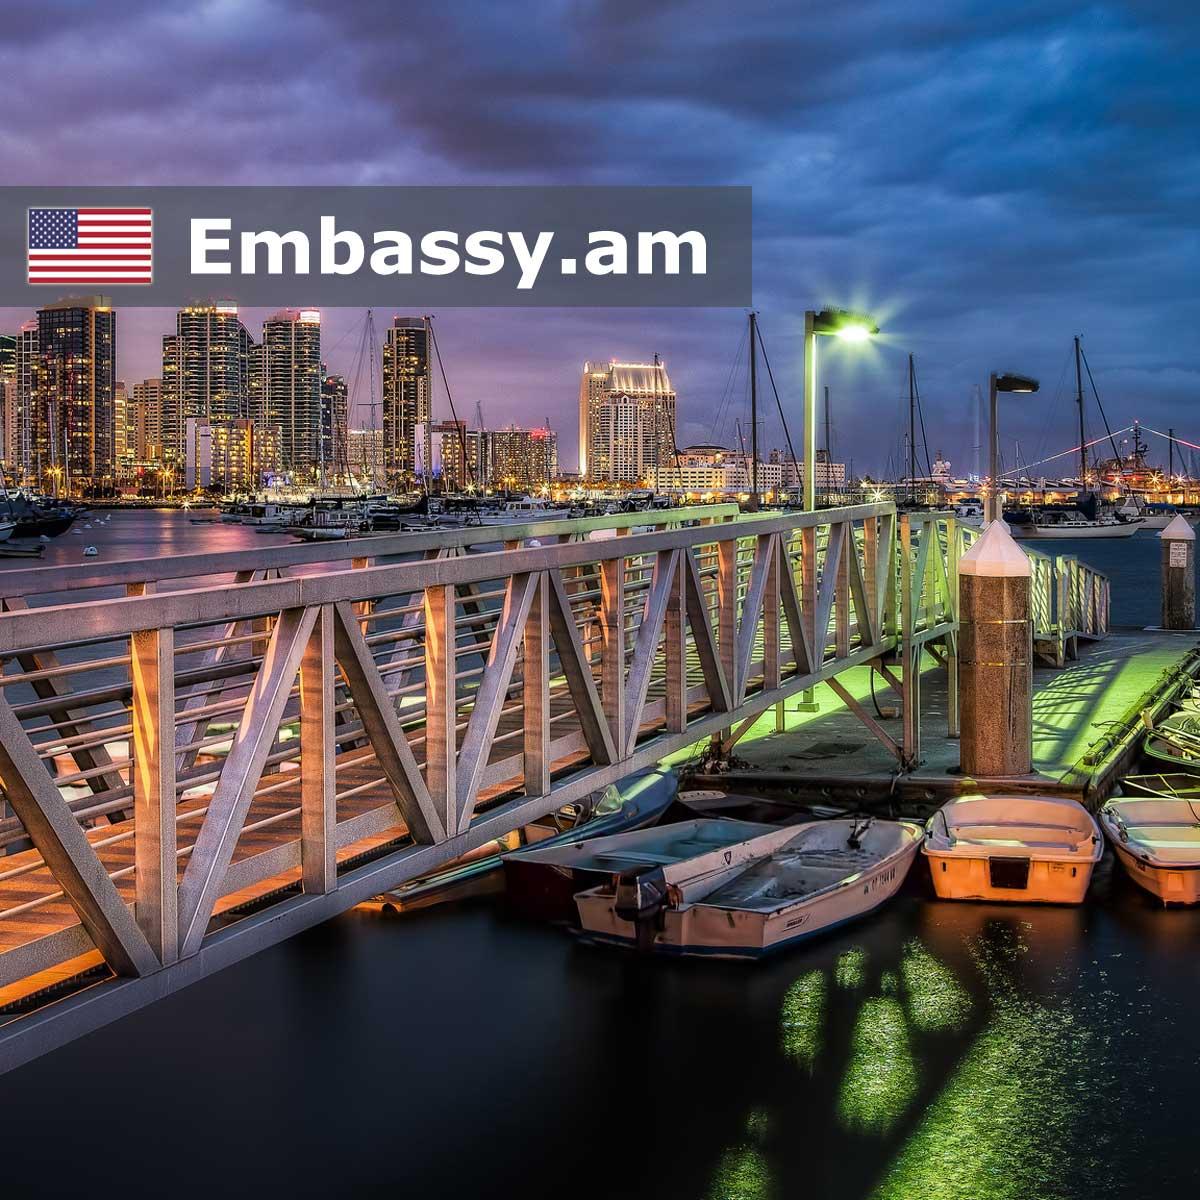 Сан Диего - Отели в США - Embassy.am